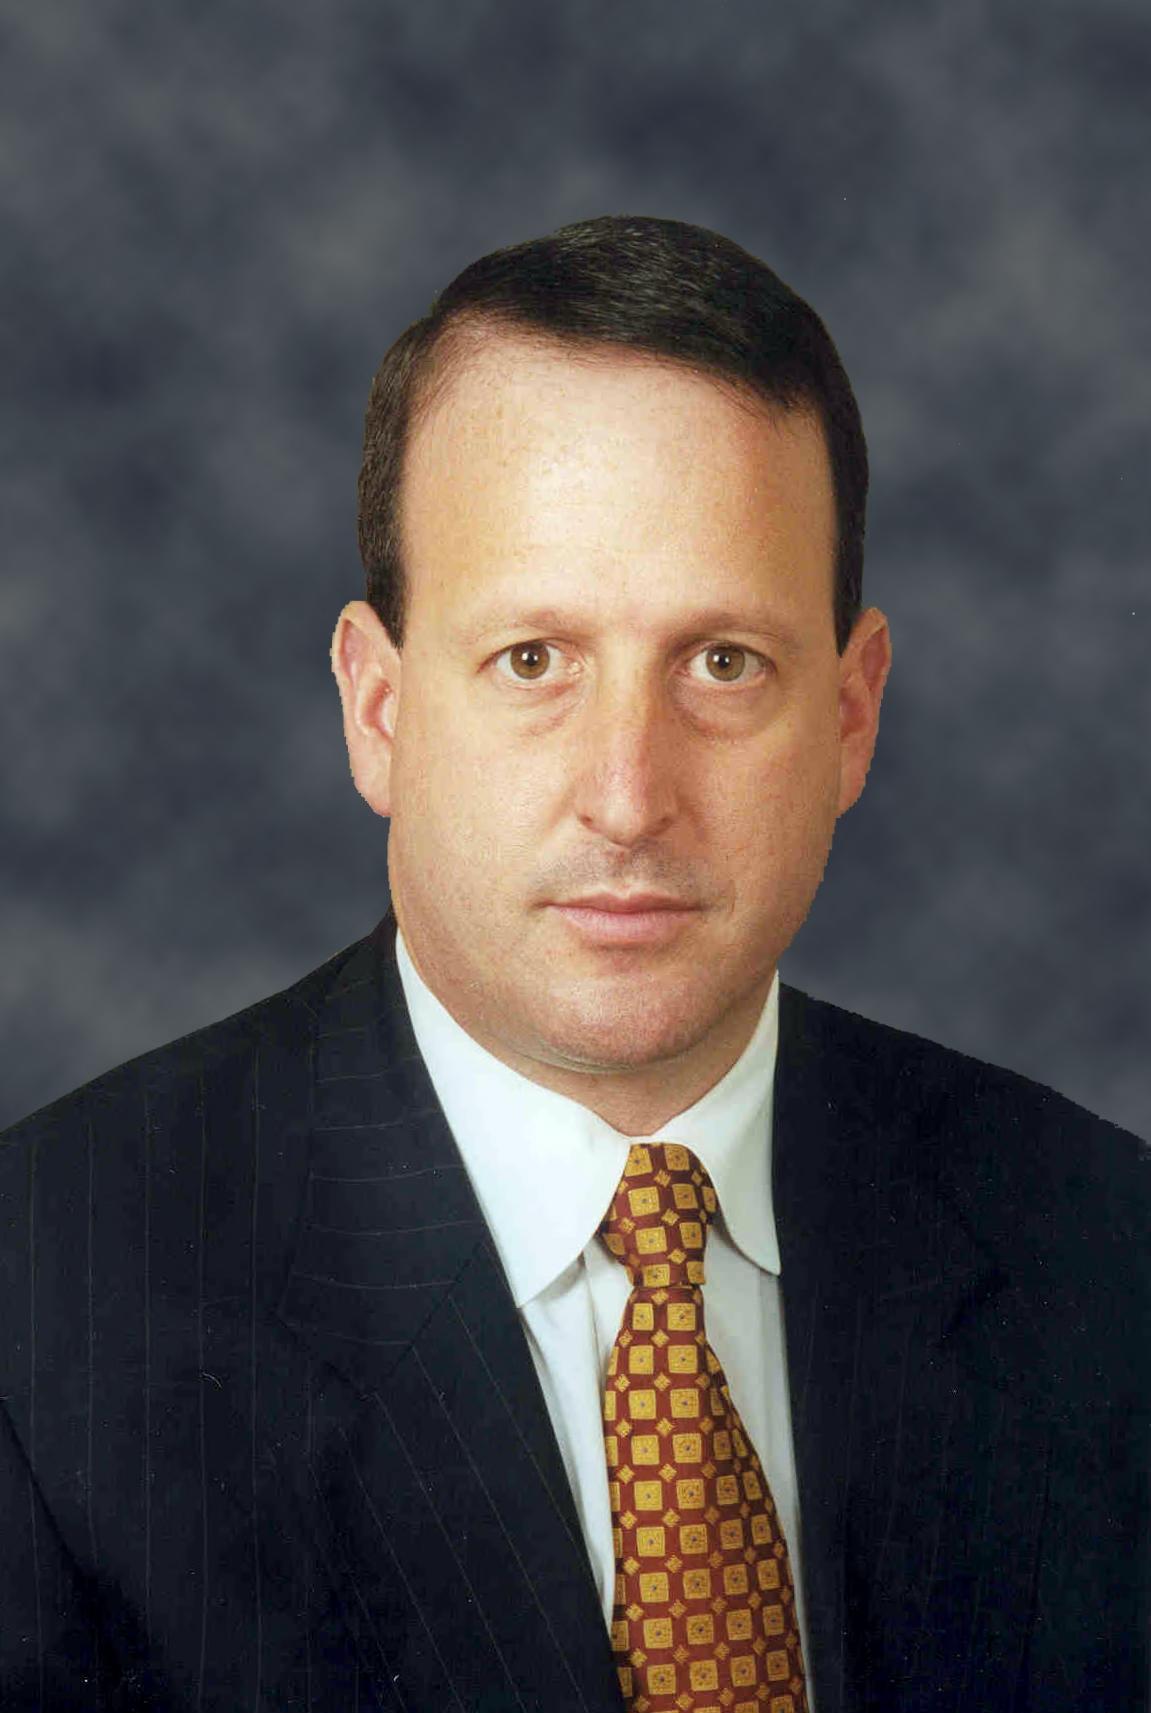 Richard Busch